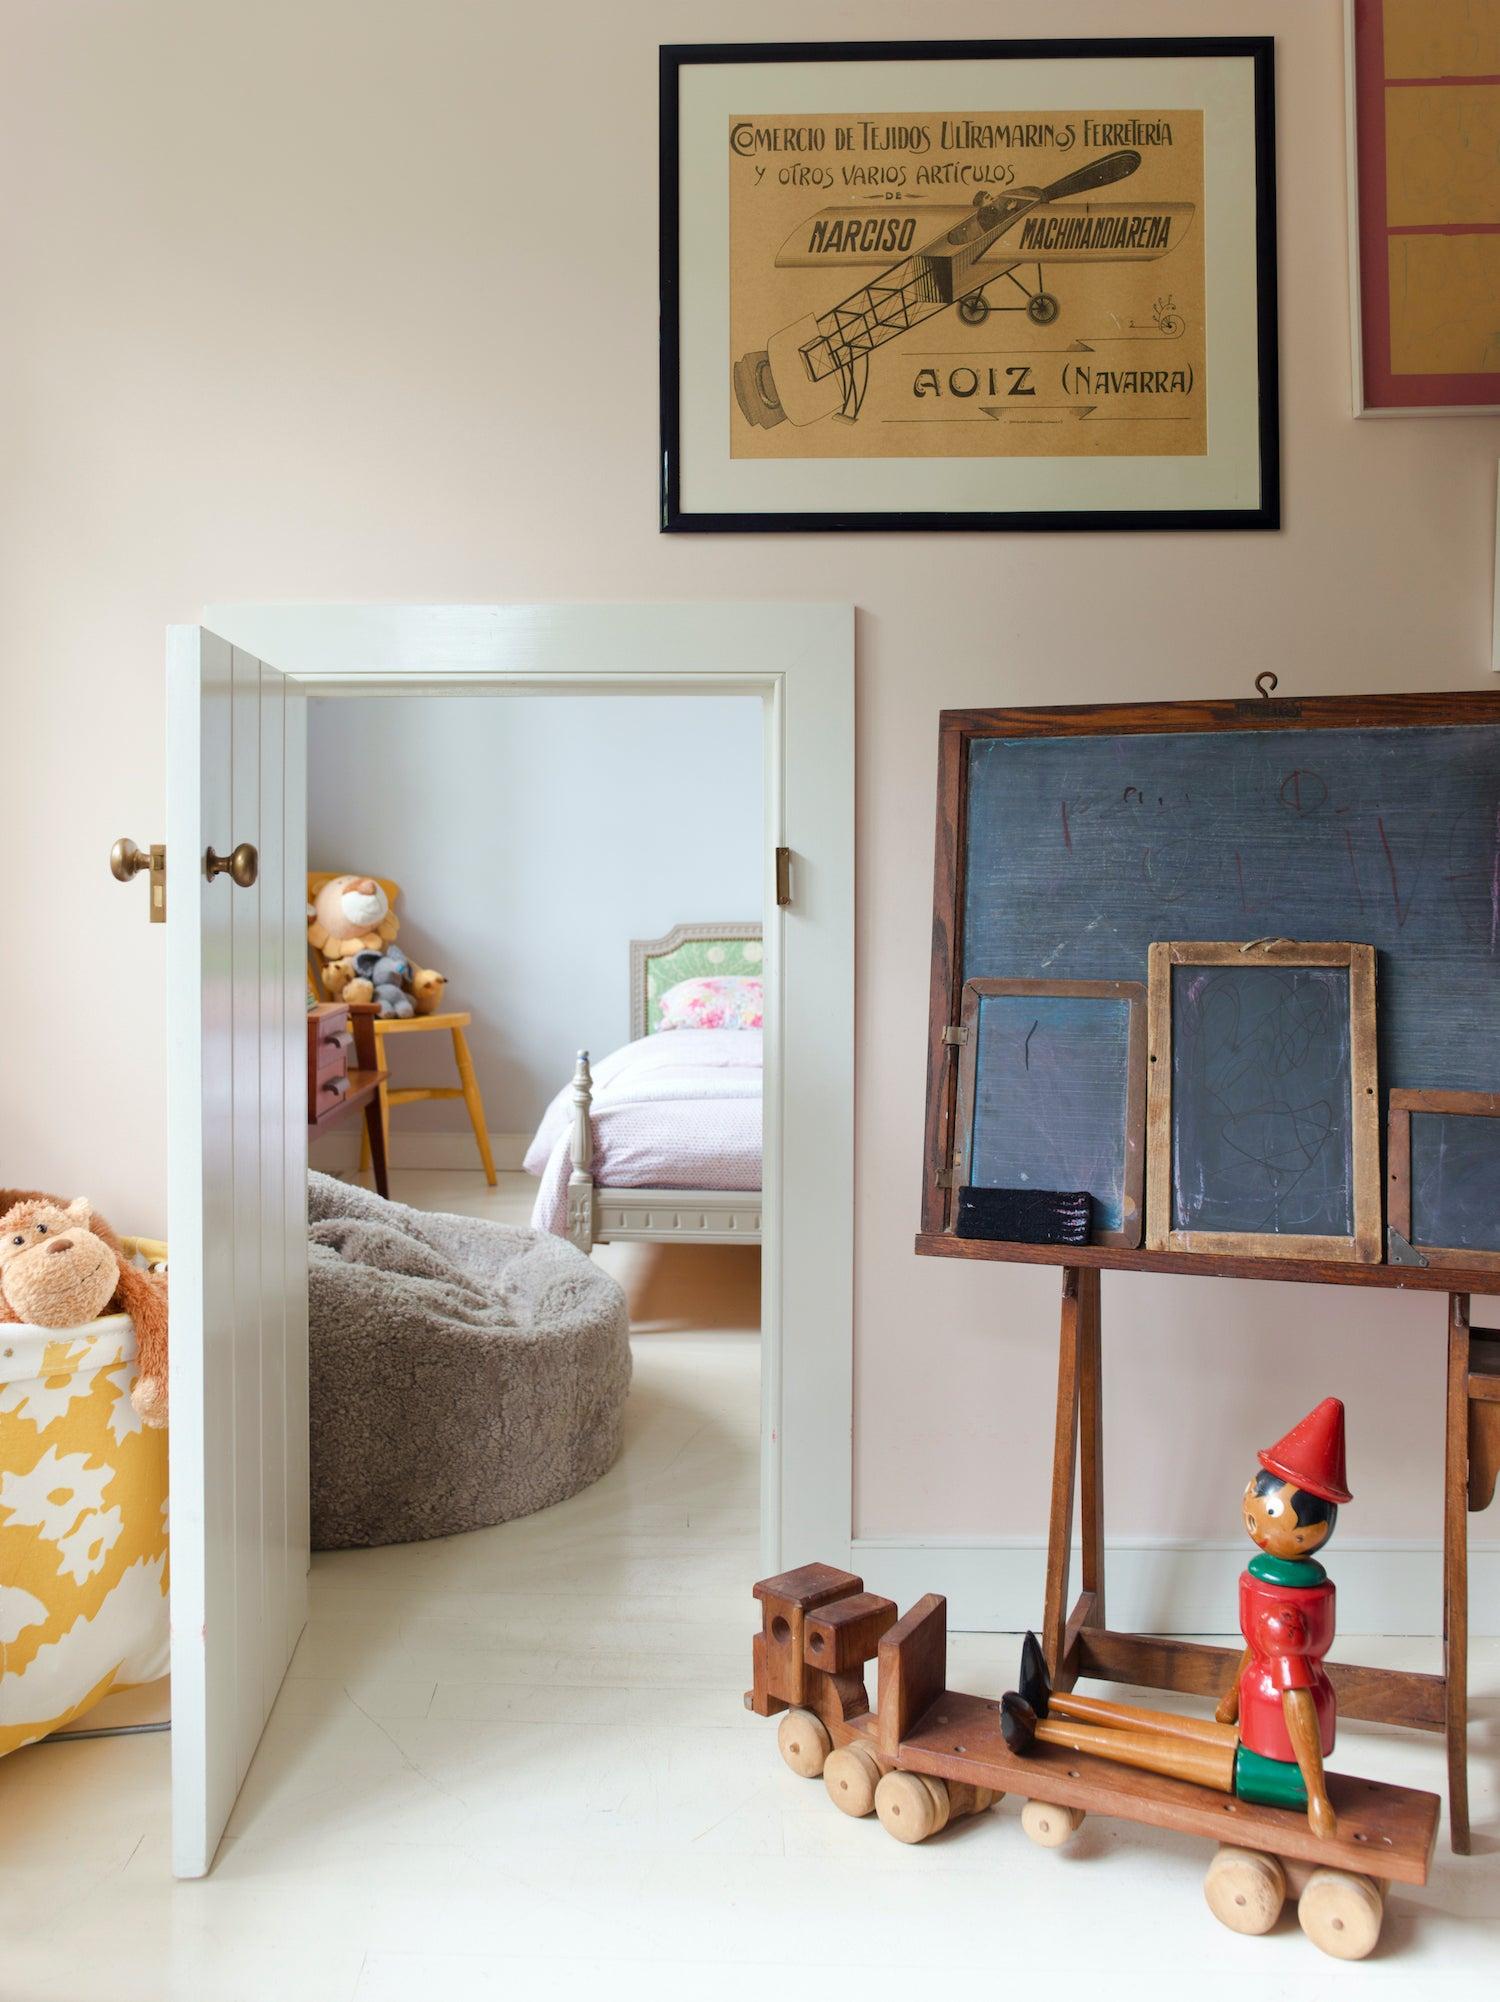 Mini door in kids room